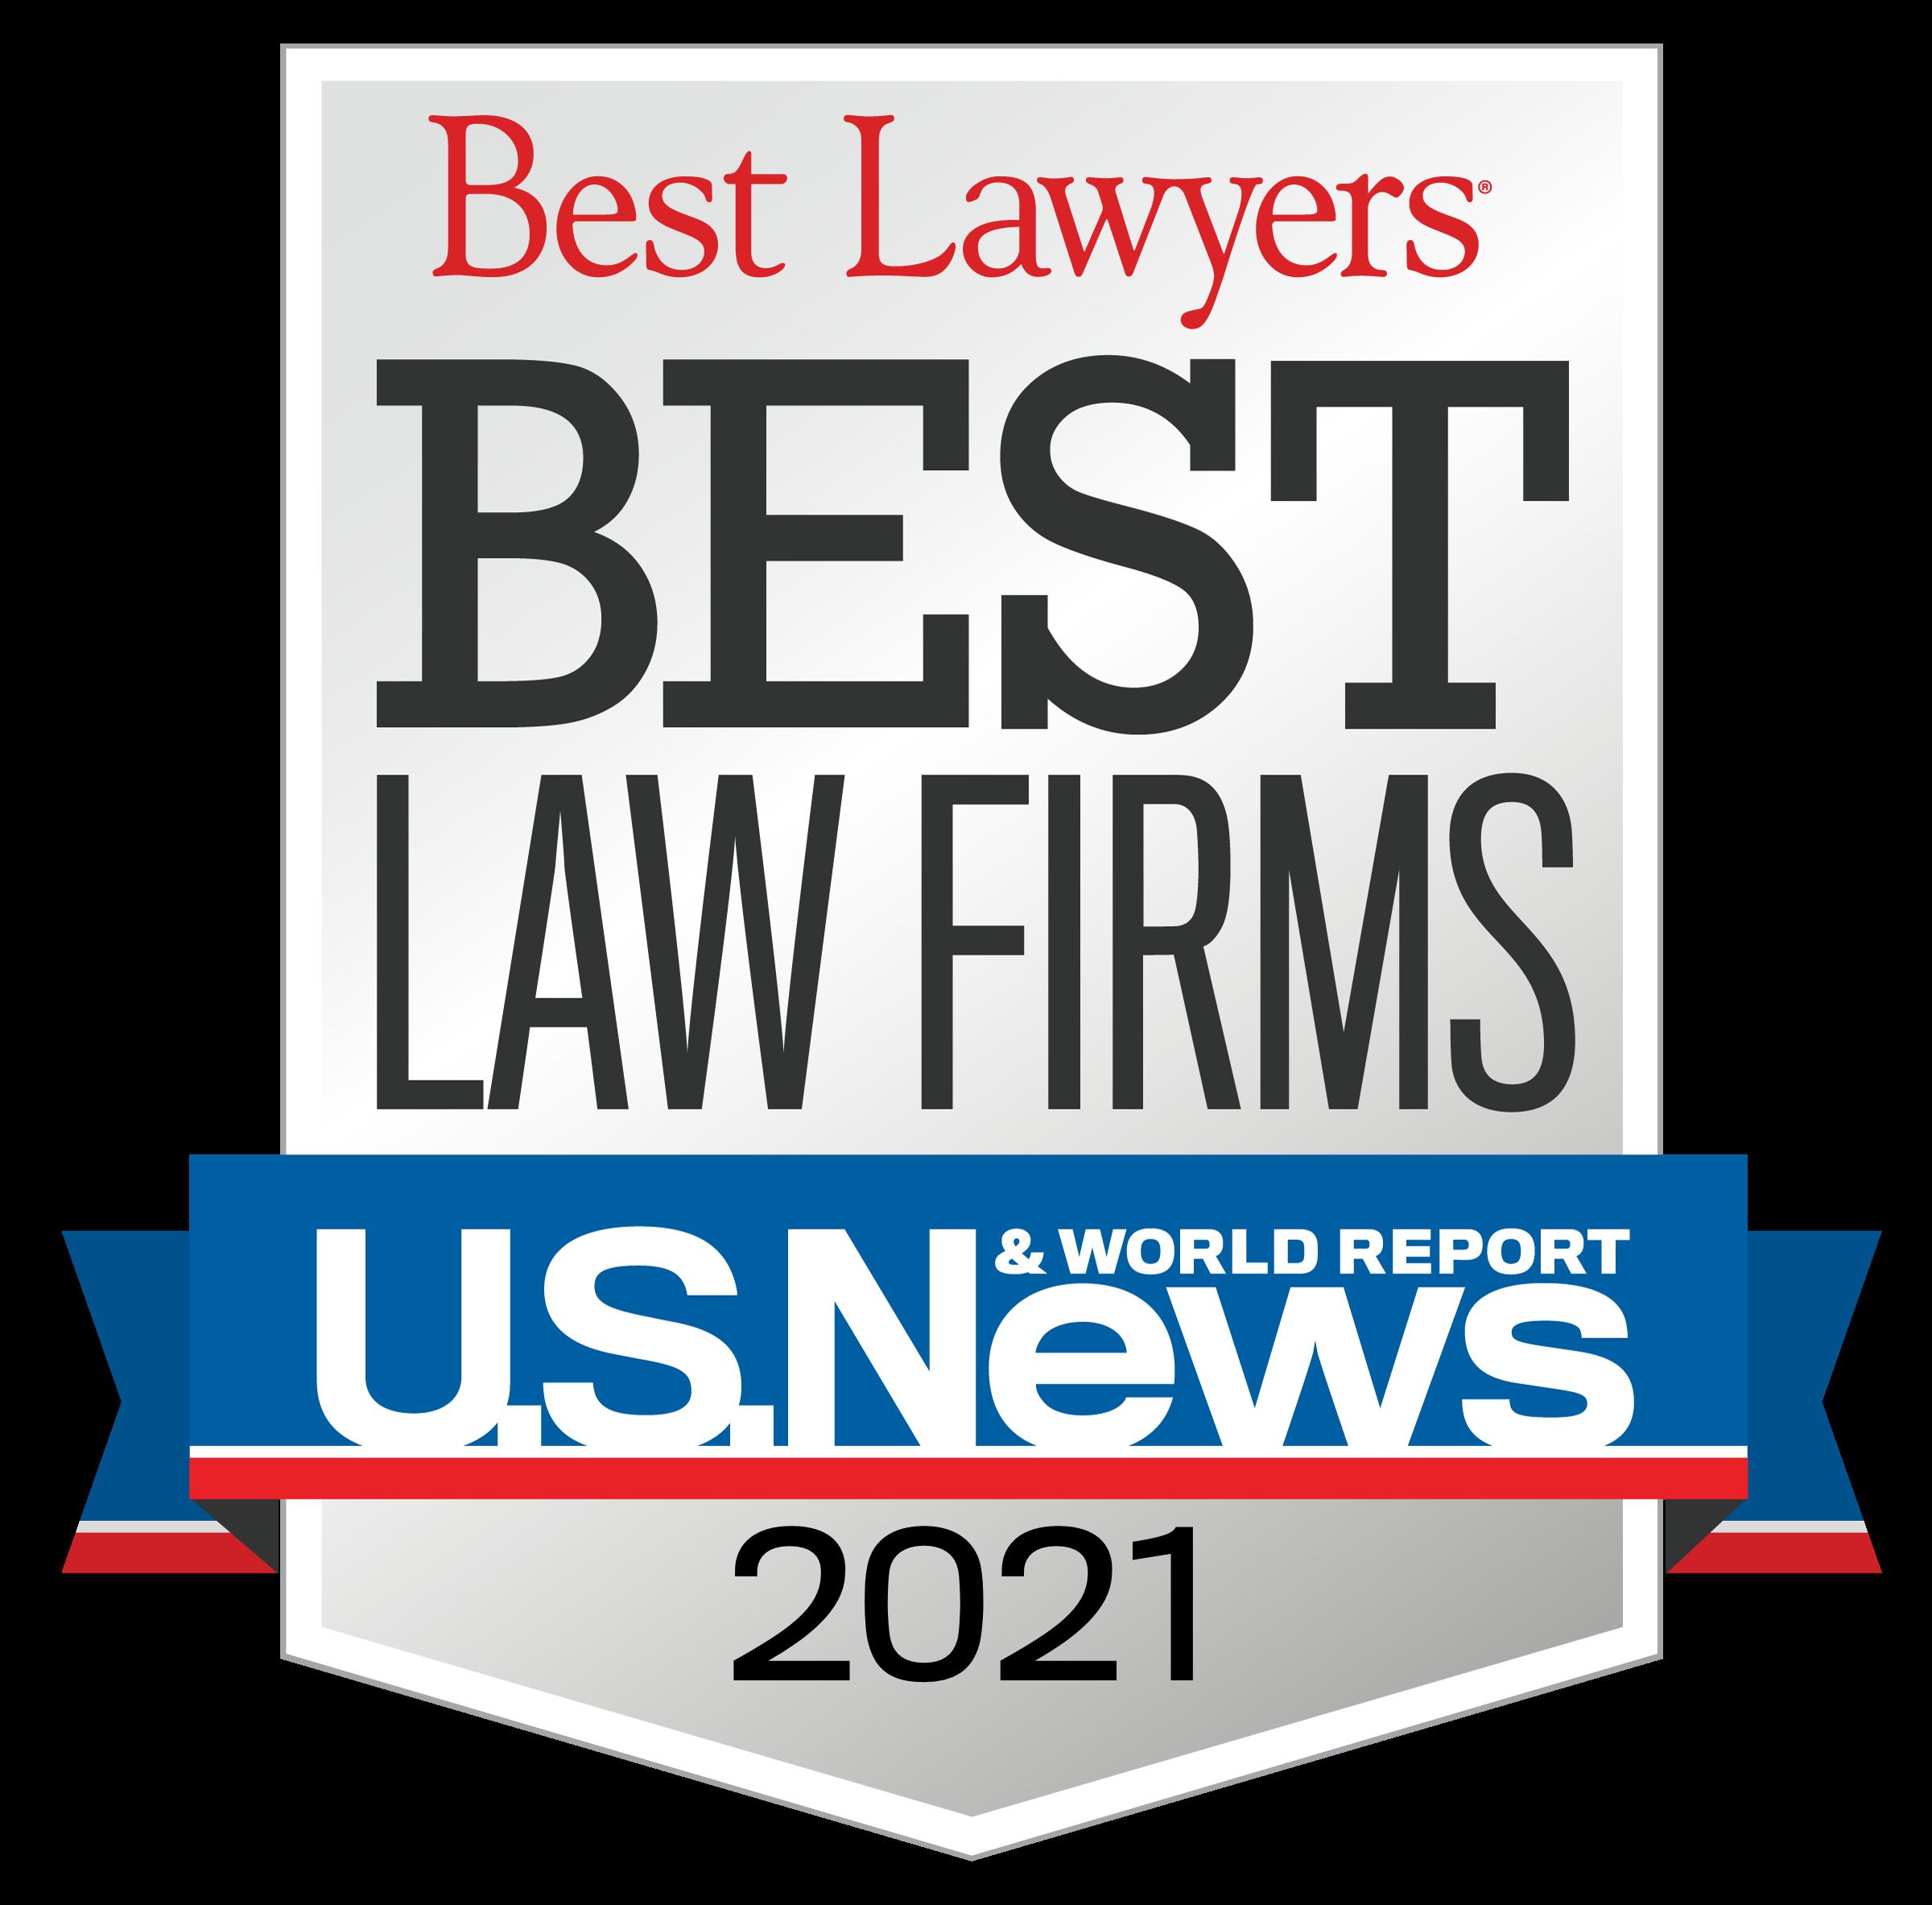 U.S. News Best Lawyers 2021